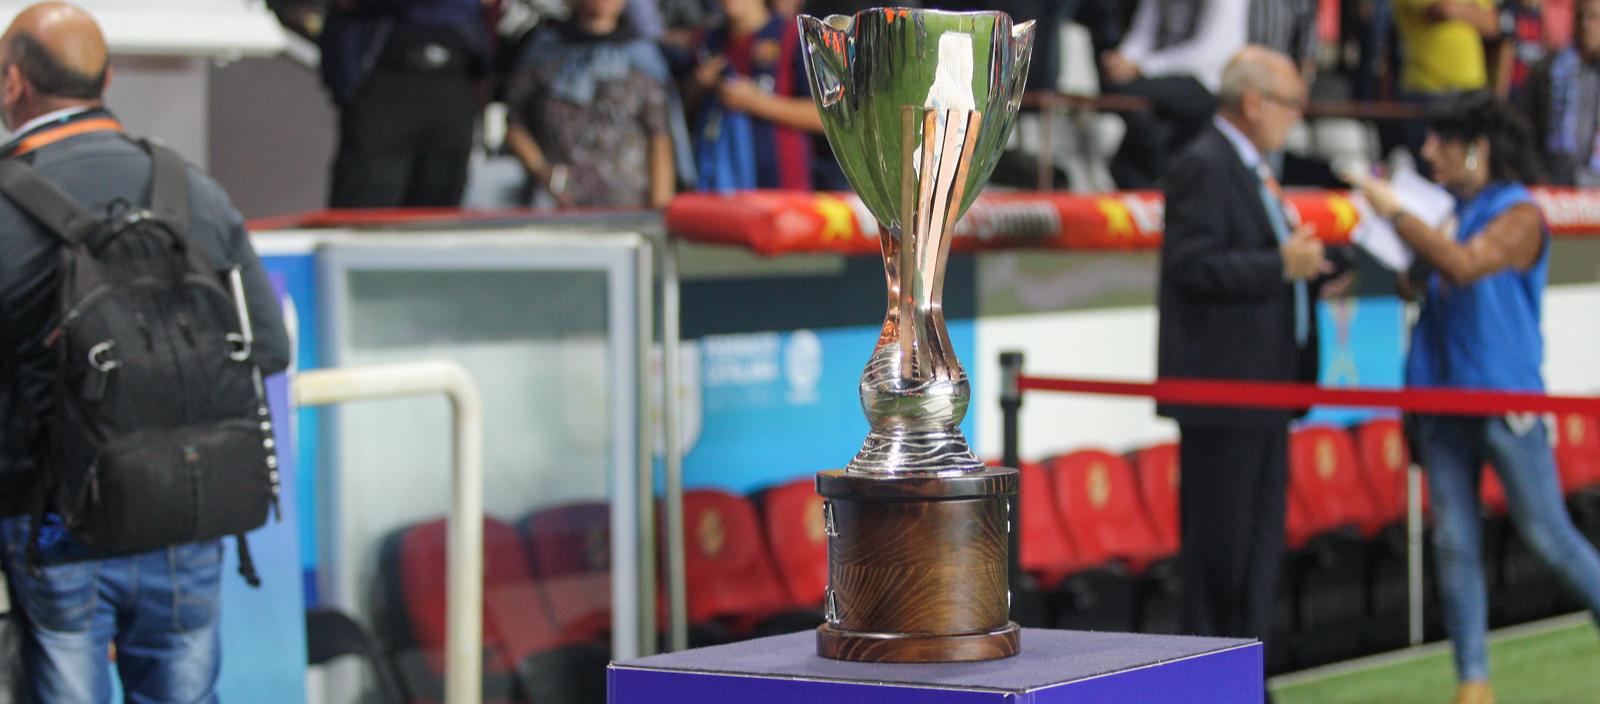 Esgotades les entrades de la Supercopa de Catalunya